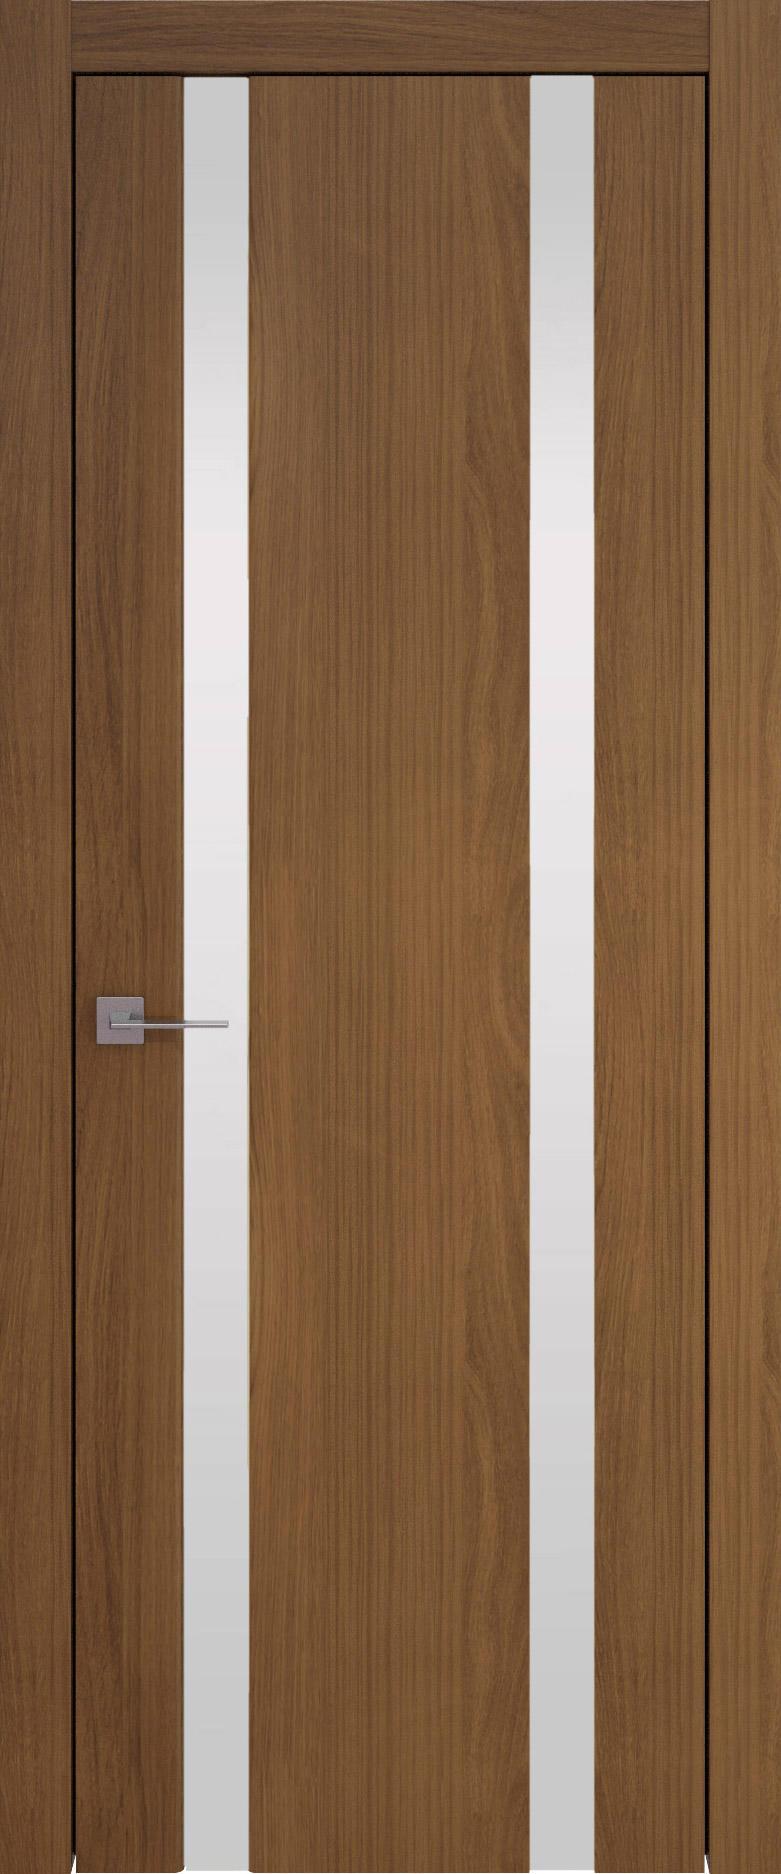 Torino цвет - Итальянский орех Без стекла (ДГ-2)